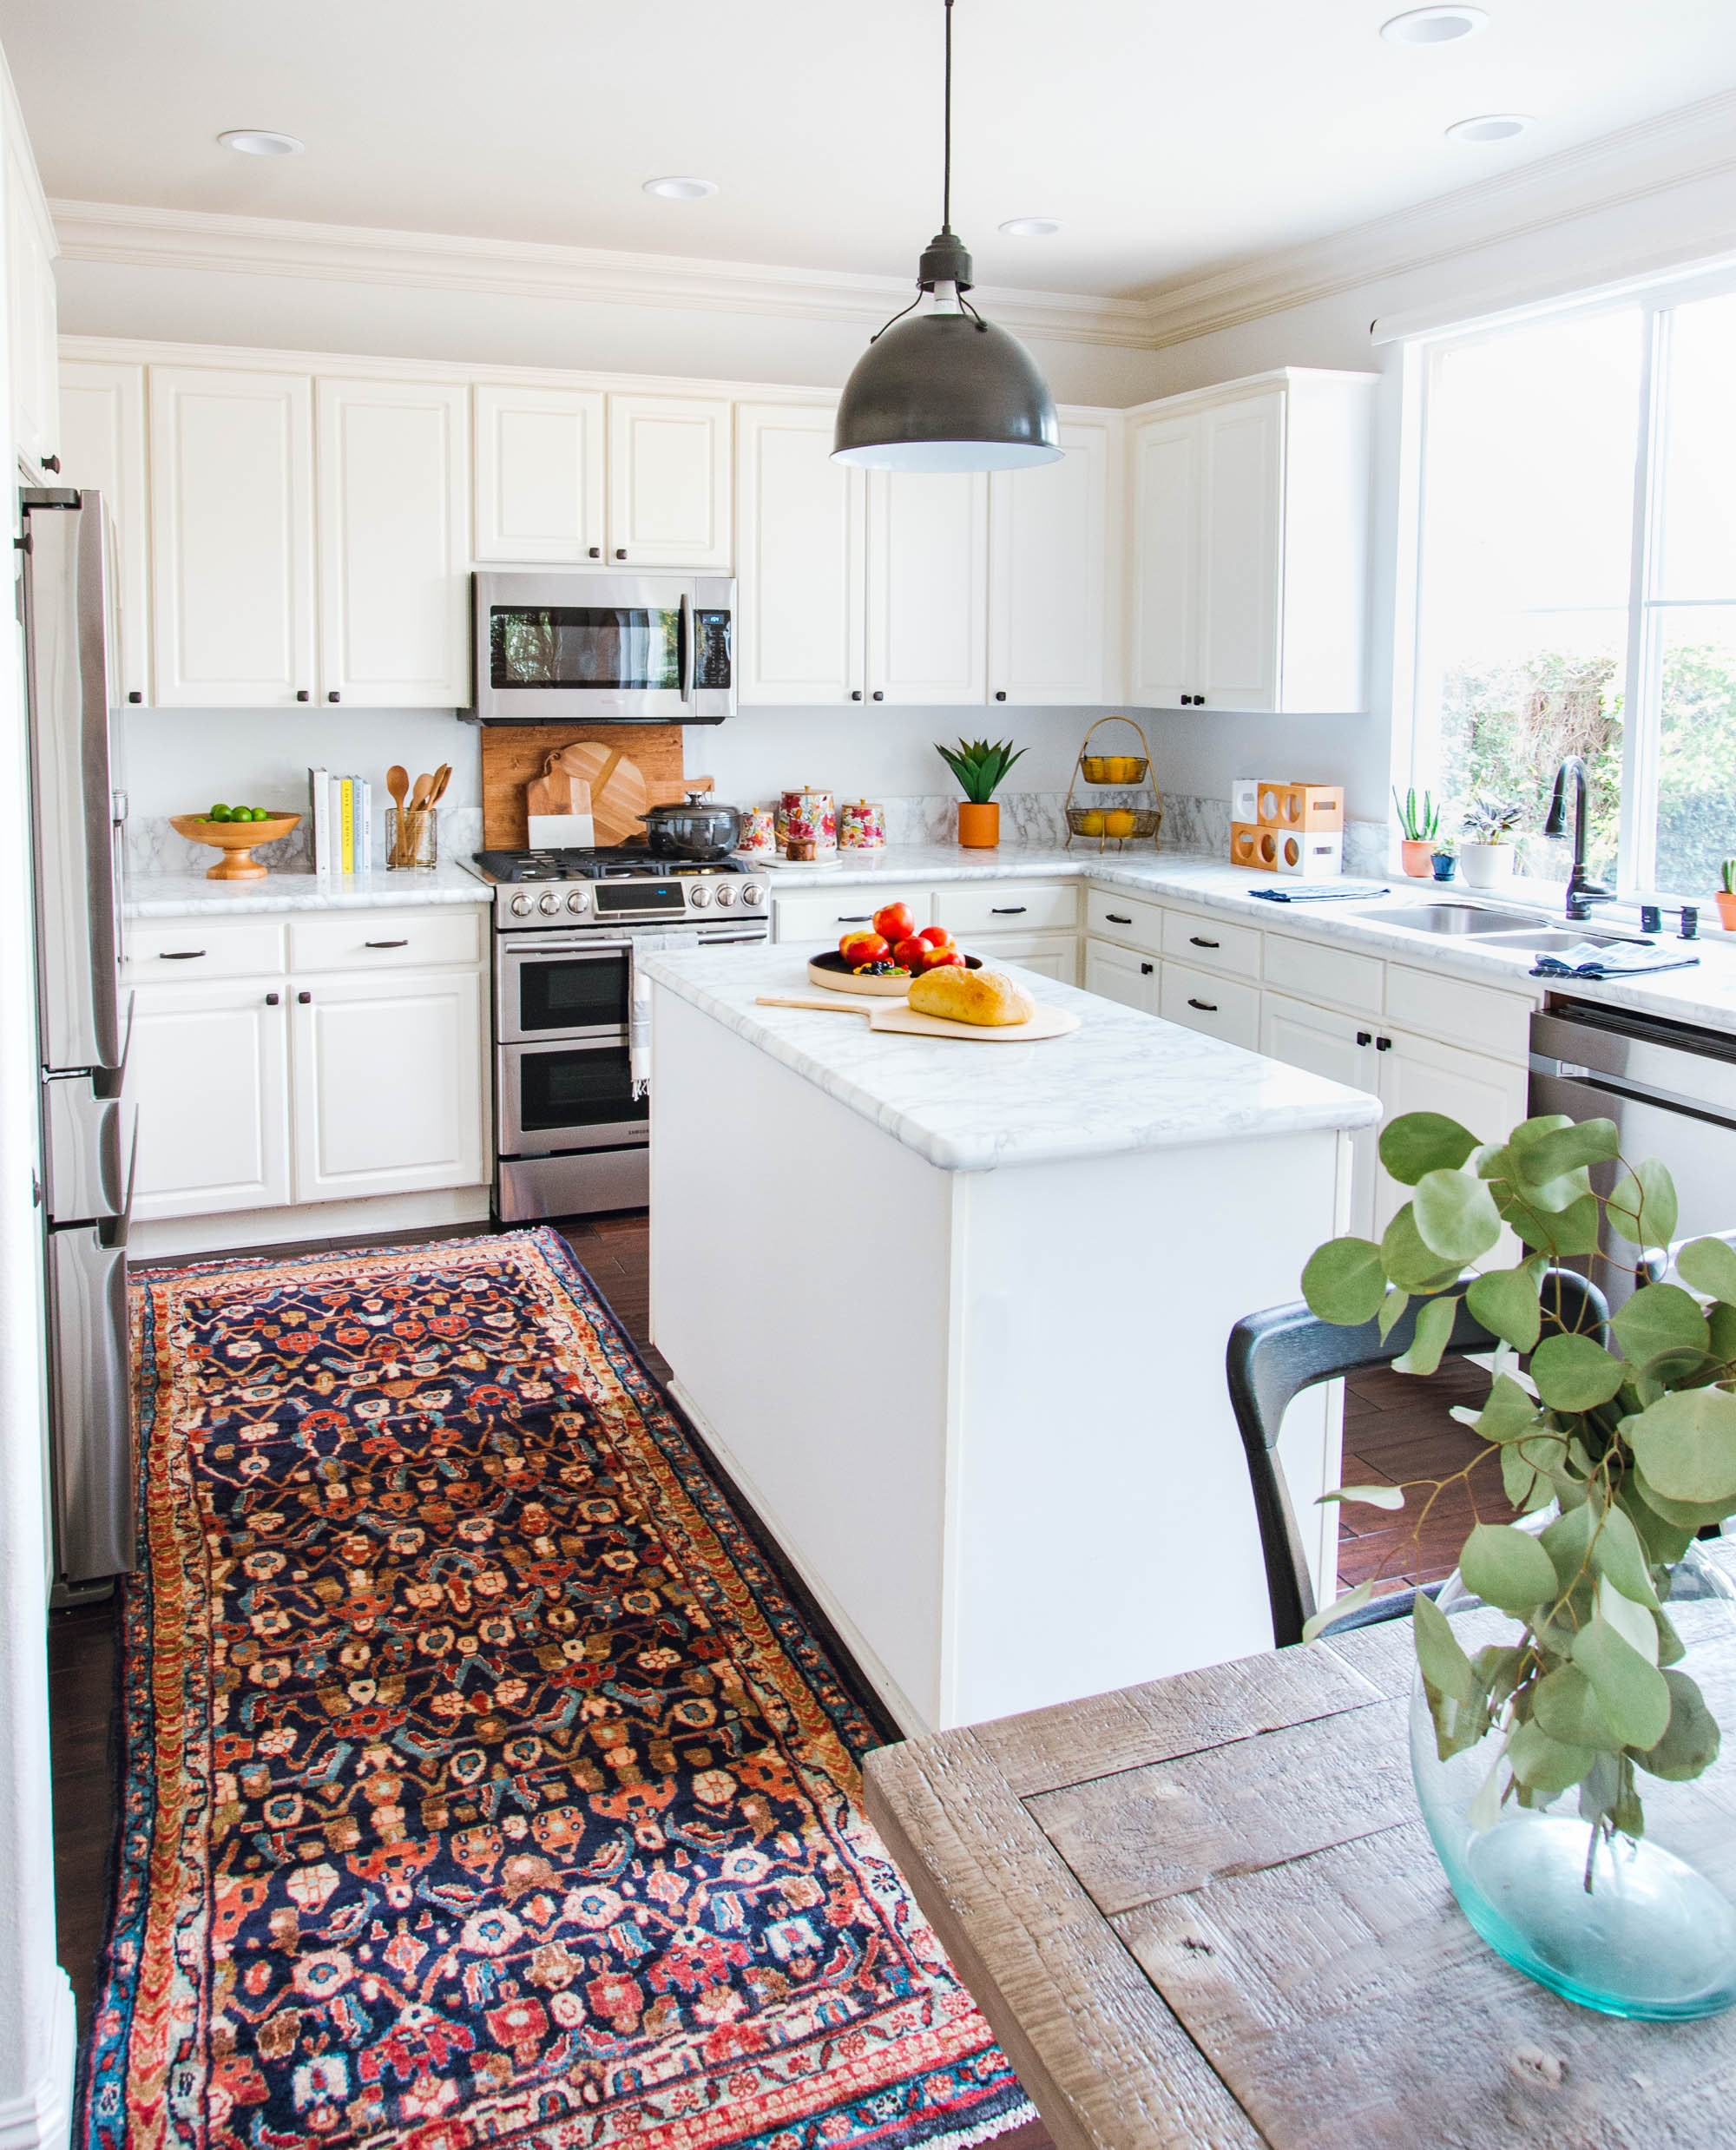 New Year, New Kitchen Appliances